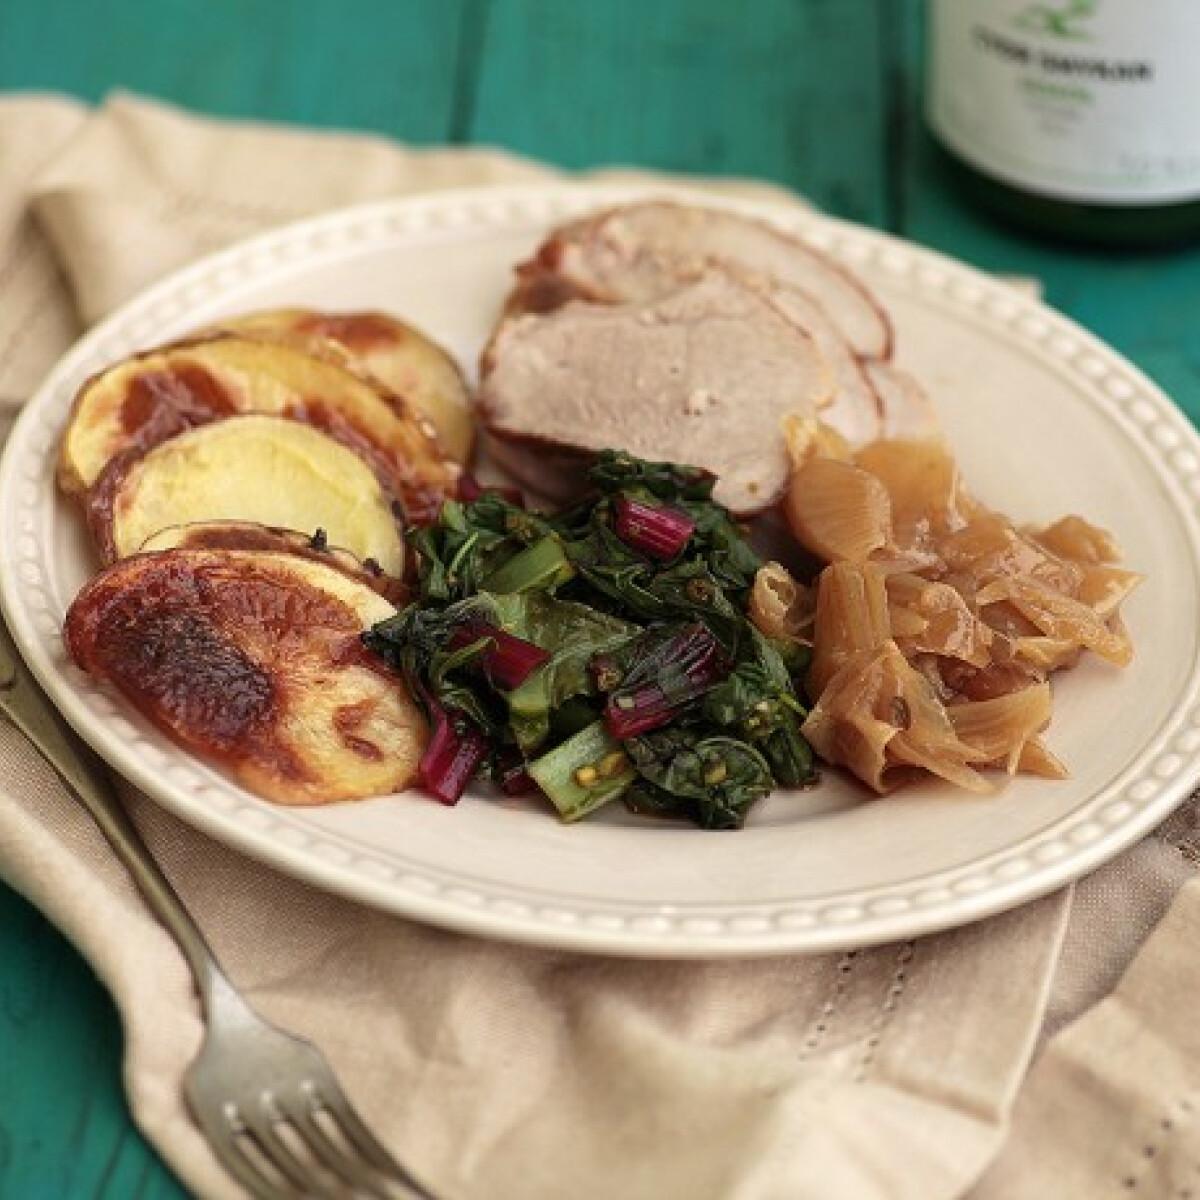 Ezen a képen: Omlós sertéssült roppanós krumplival és tavaszi zöldekkel